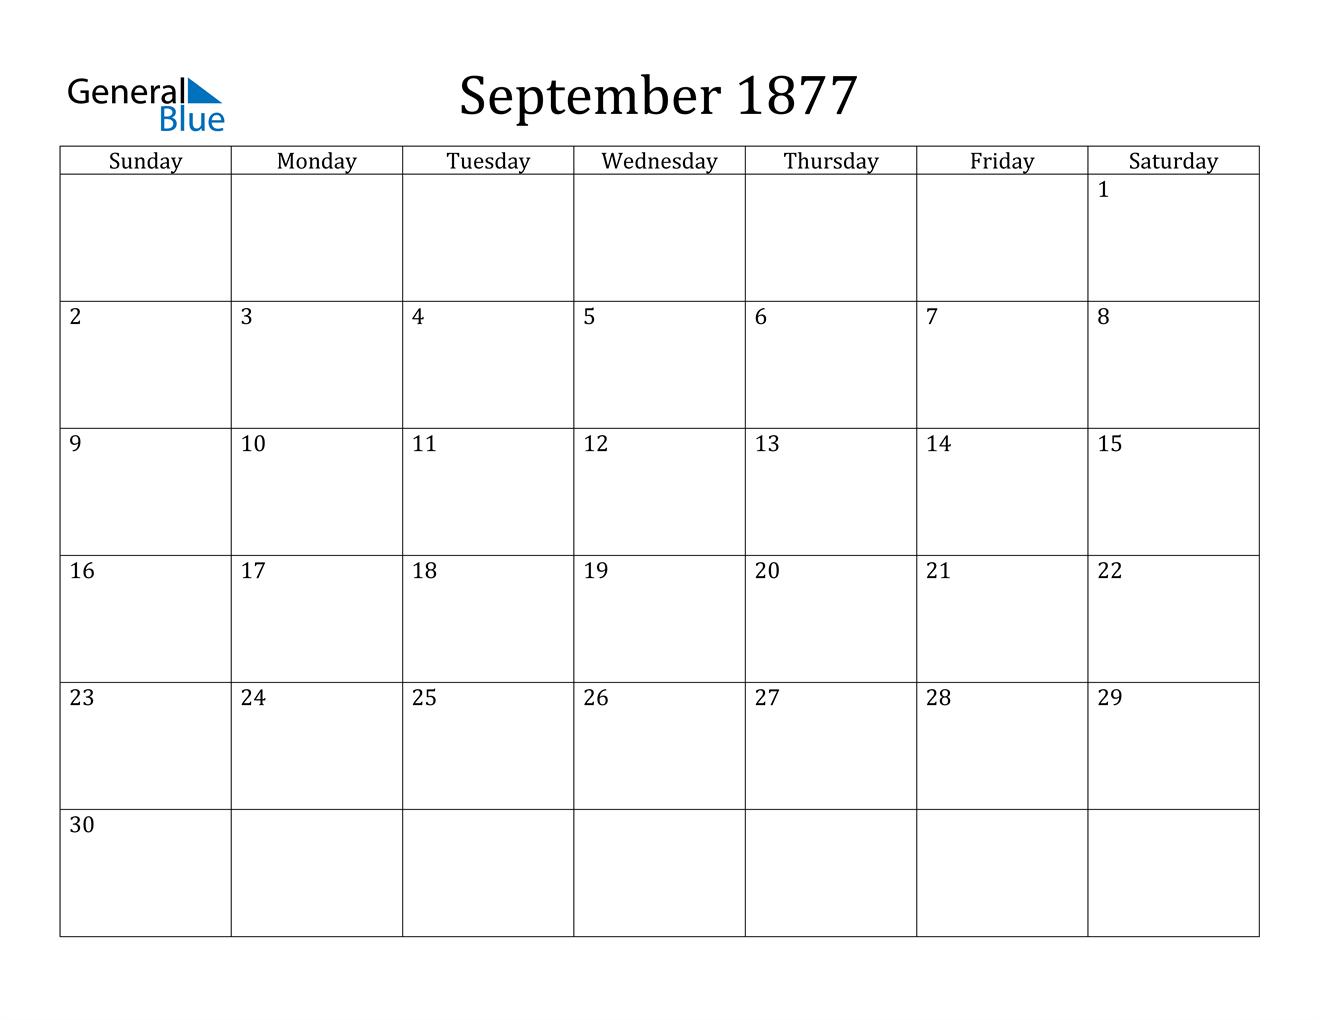 Image of September 1877 Calendar